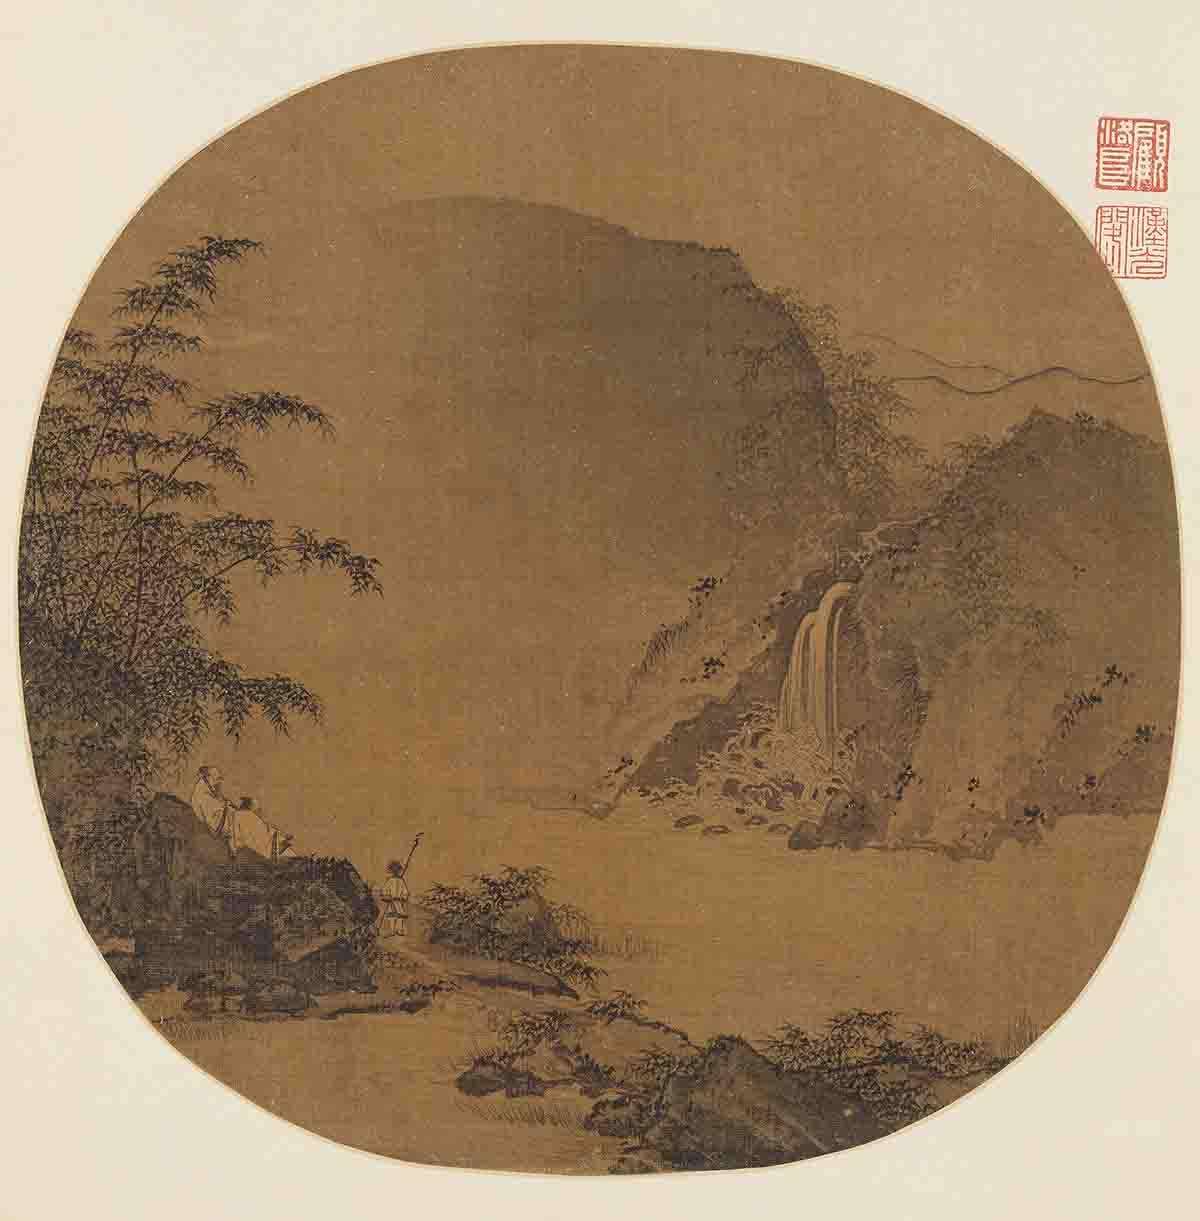 宋 佚名 高士观瀑图 25.1x25.7